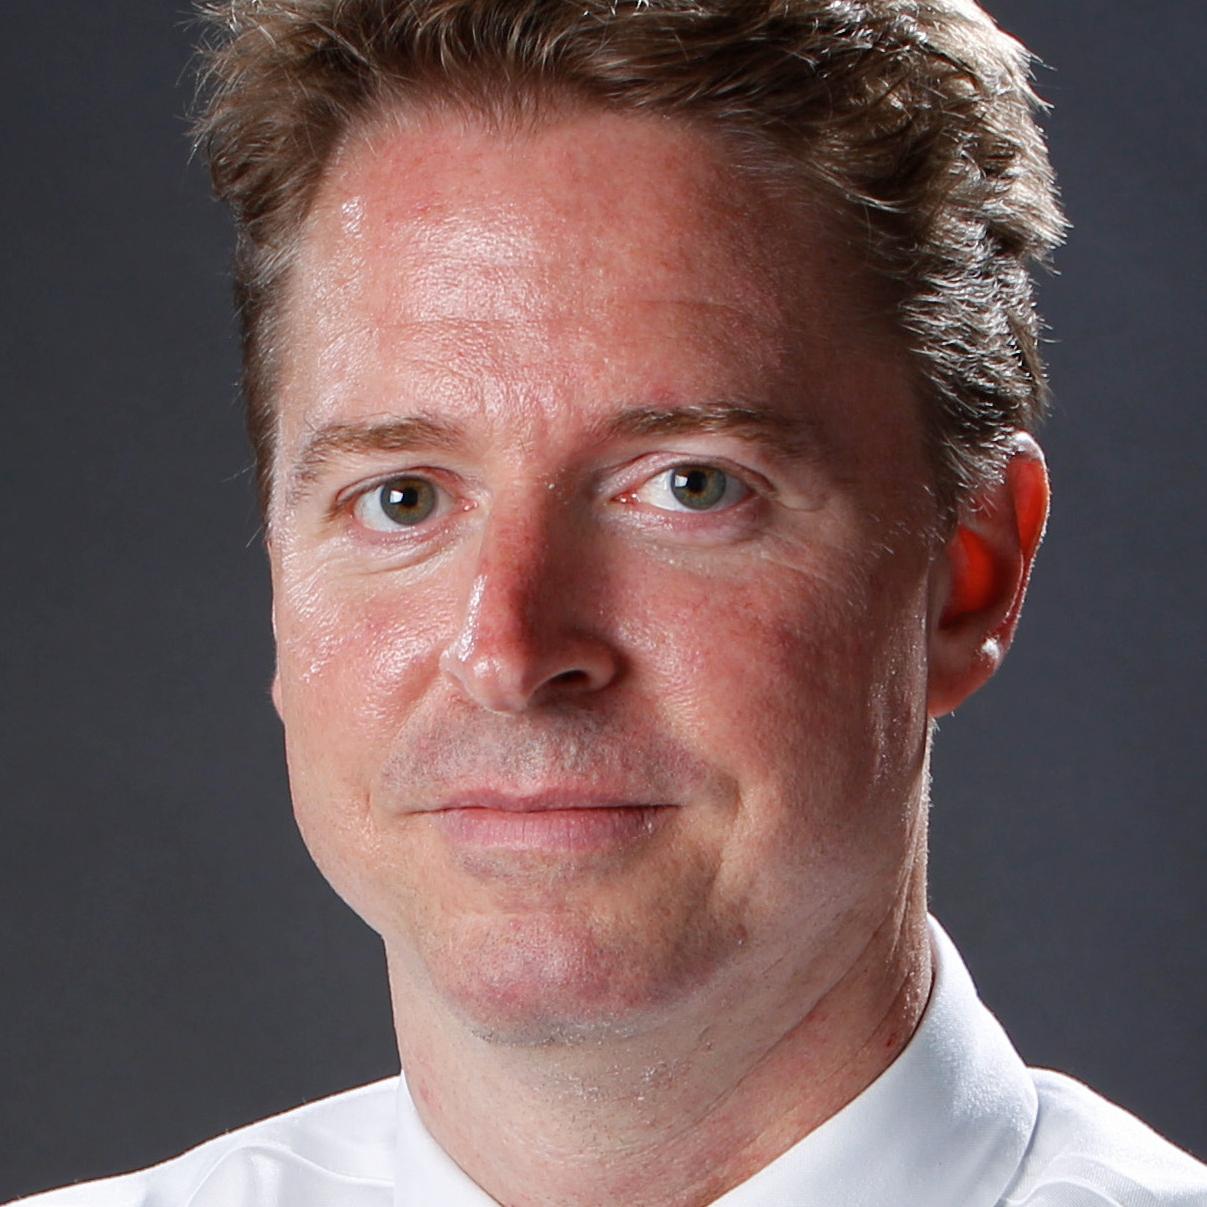 Lawmaker's talk of mug shot raises questions about DUI arrest